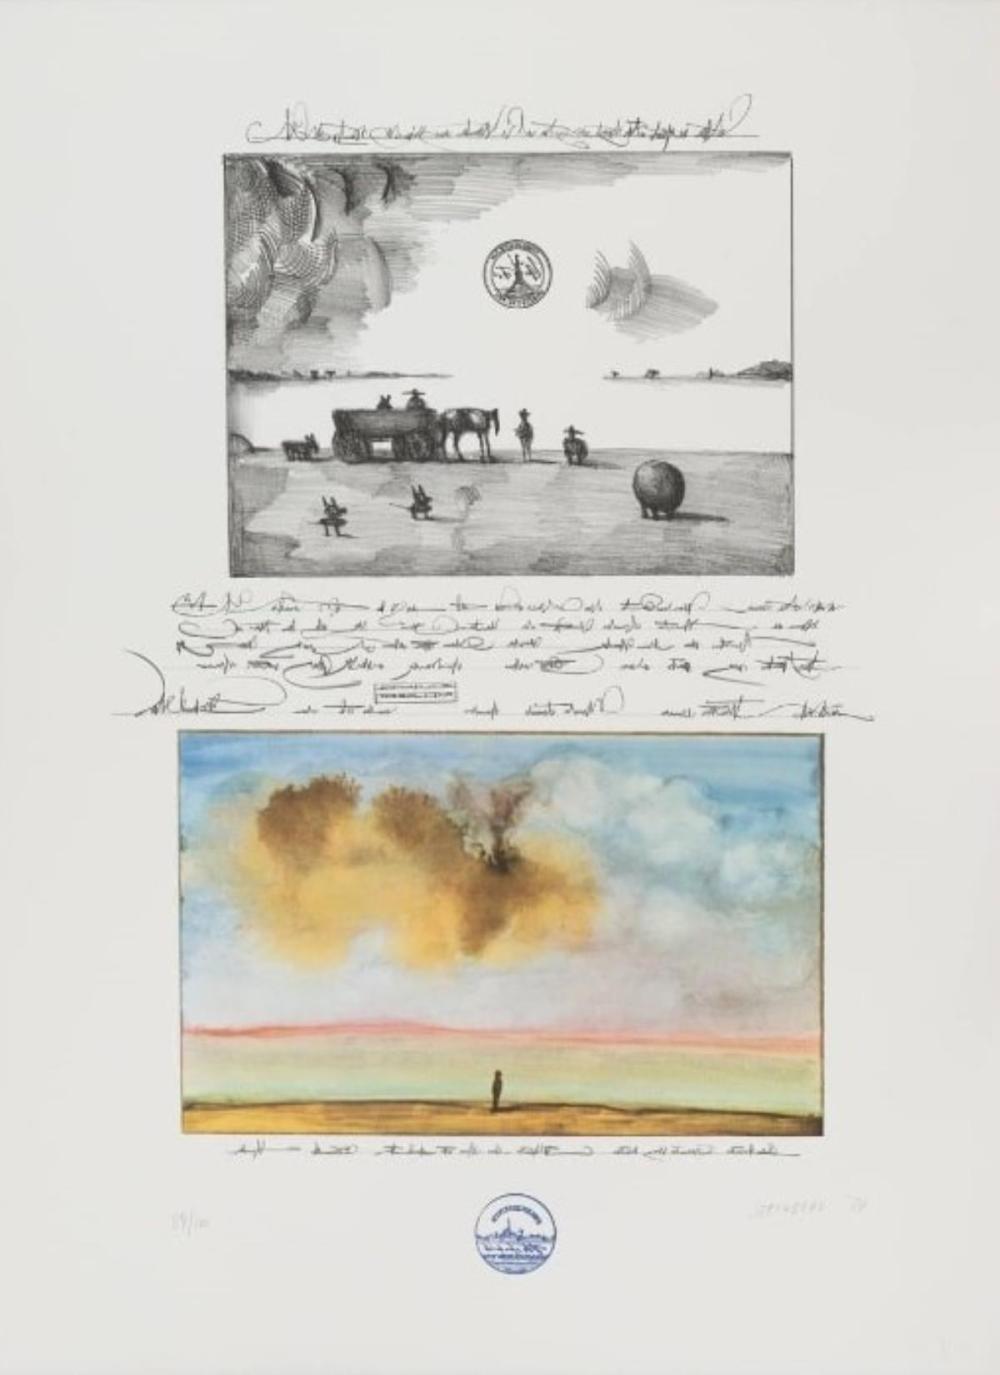 Saul Steinberg - Untitled